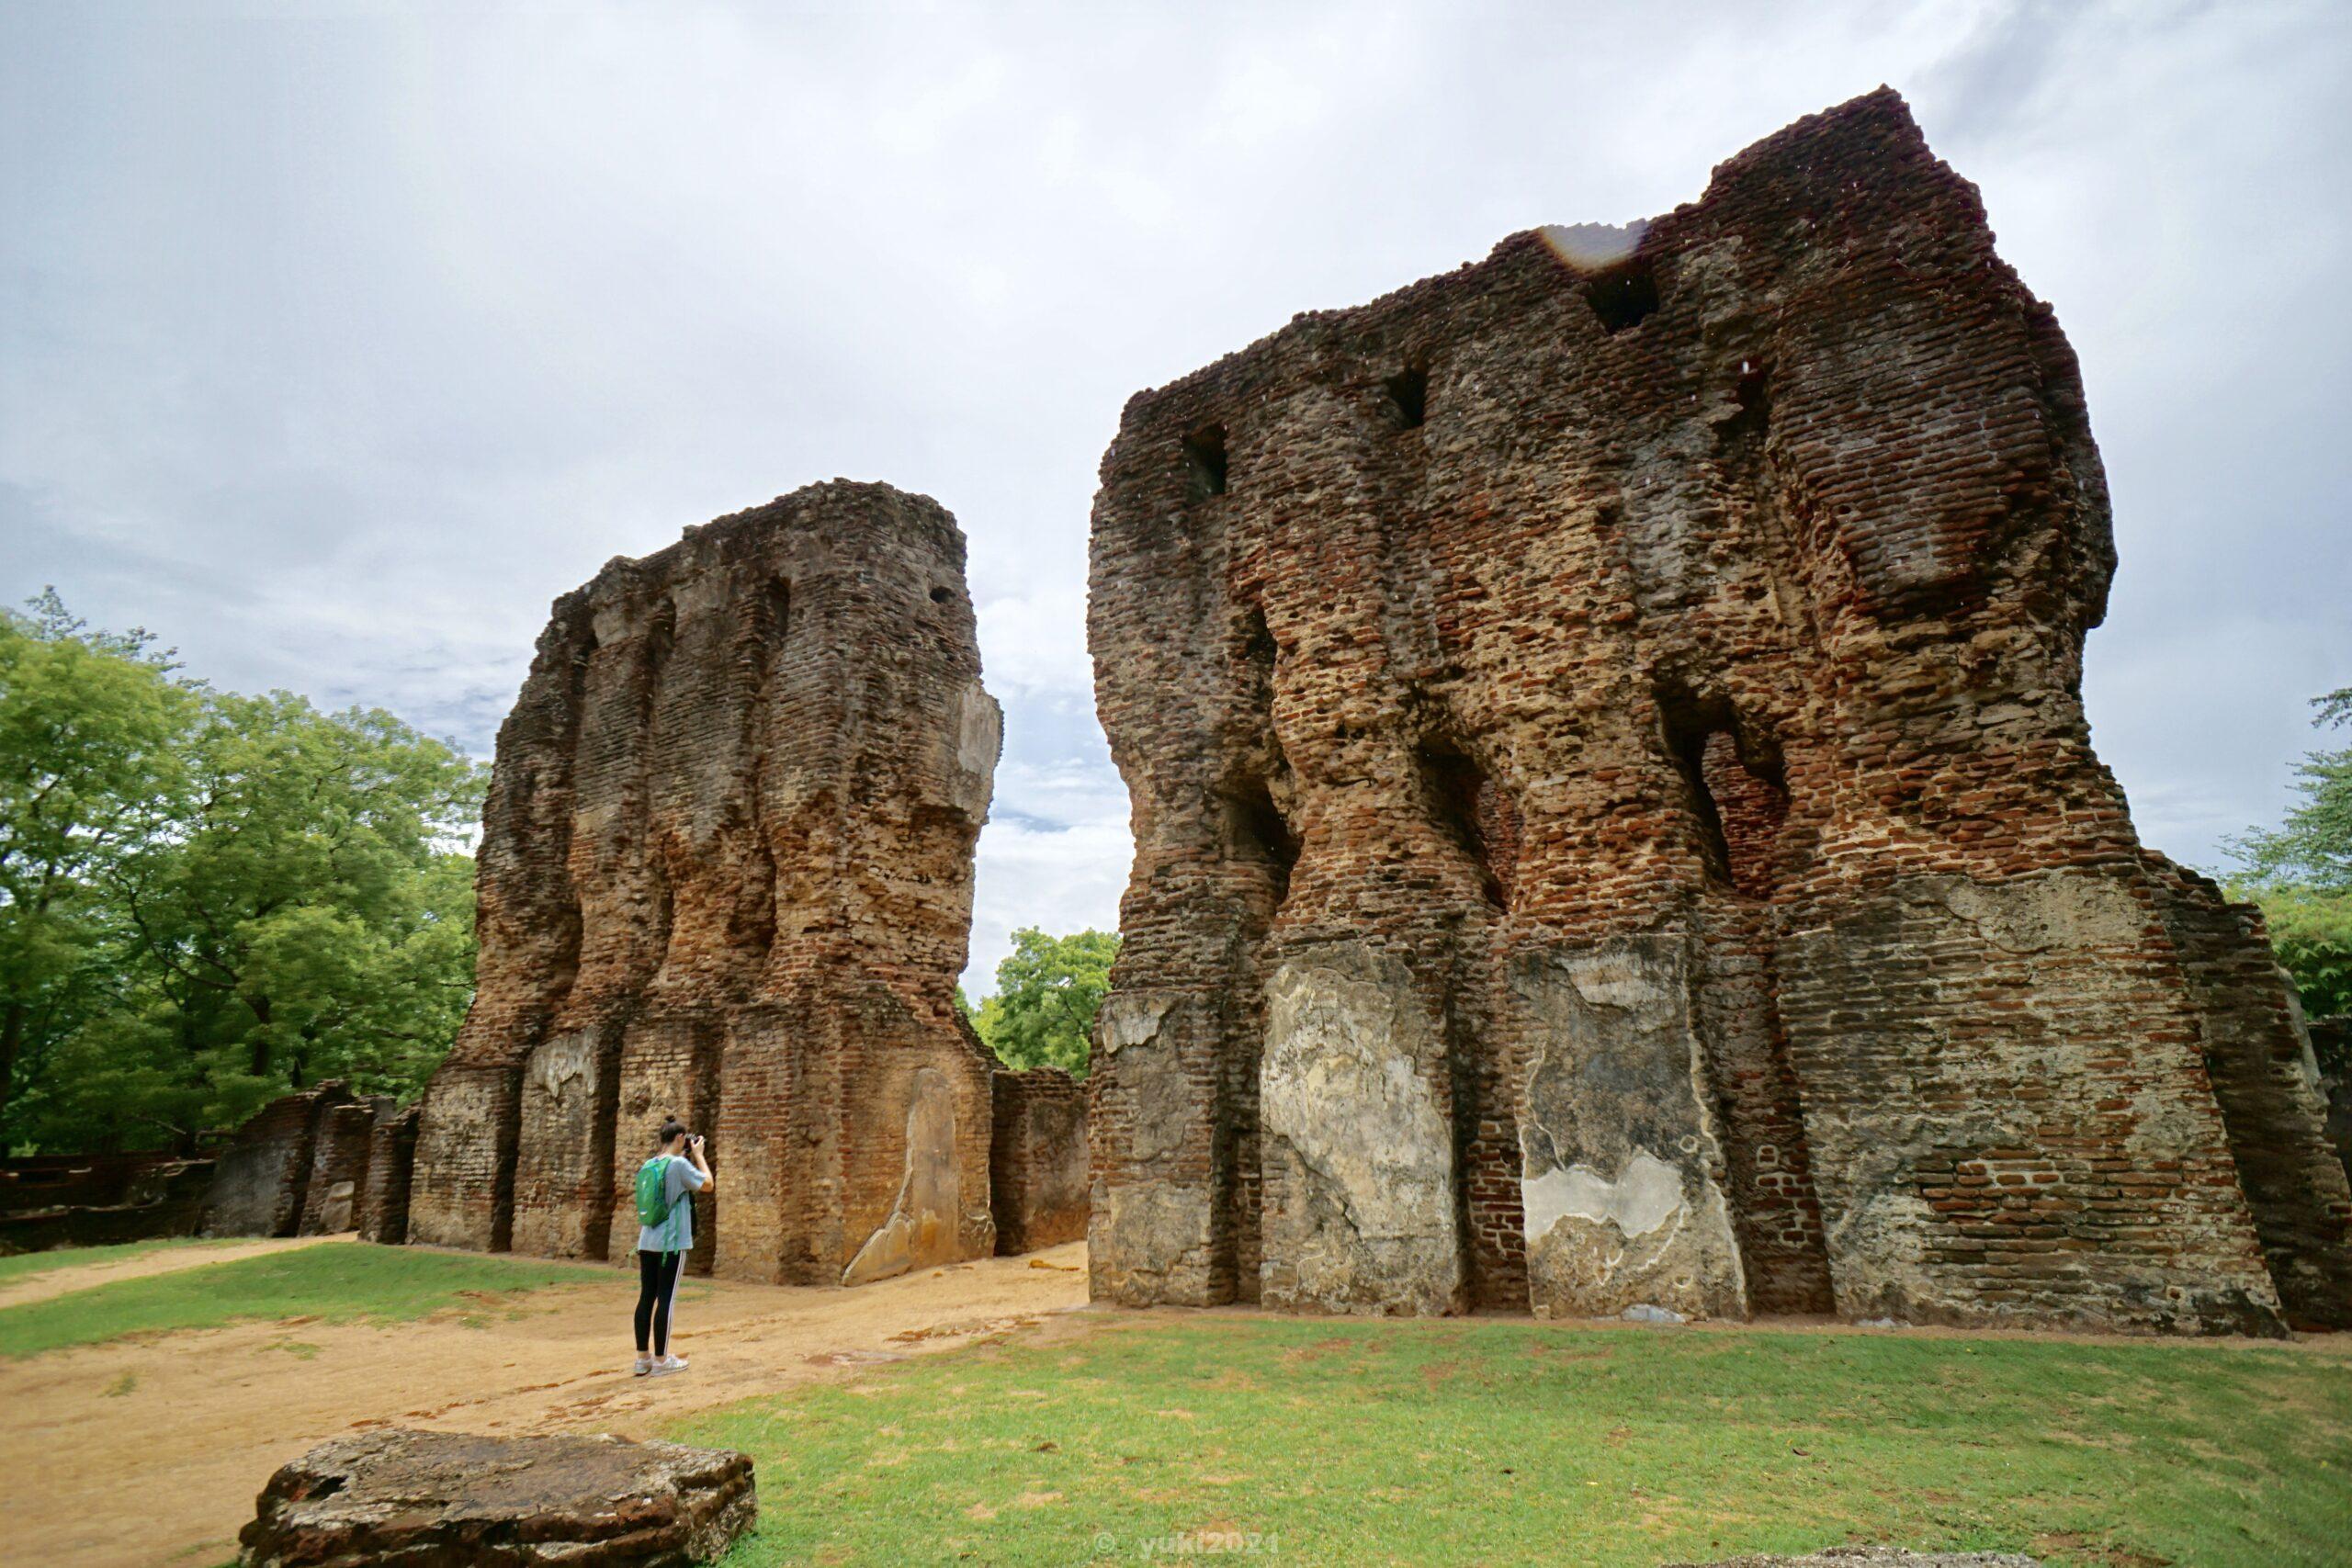 ウェジャヤンタパーサーダ宮殿跡